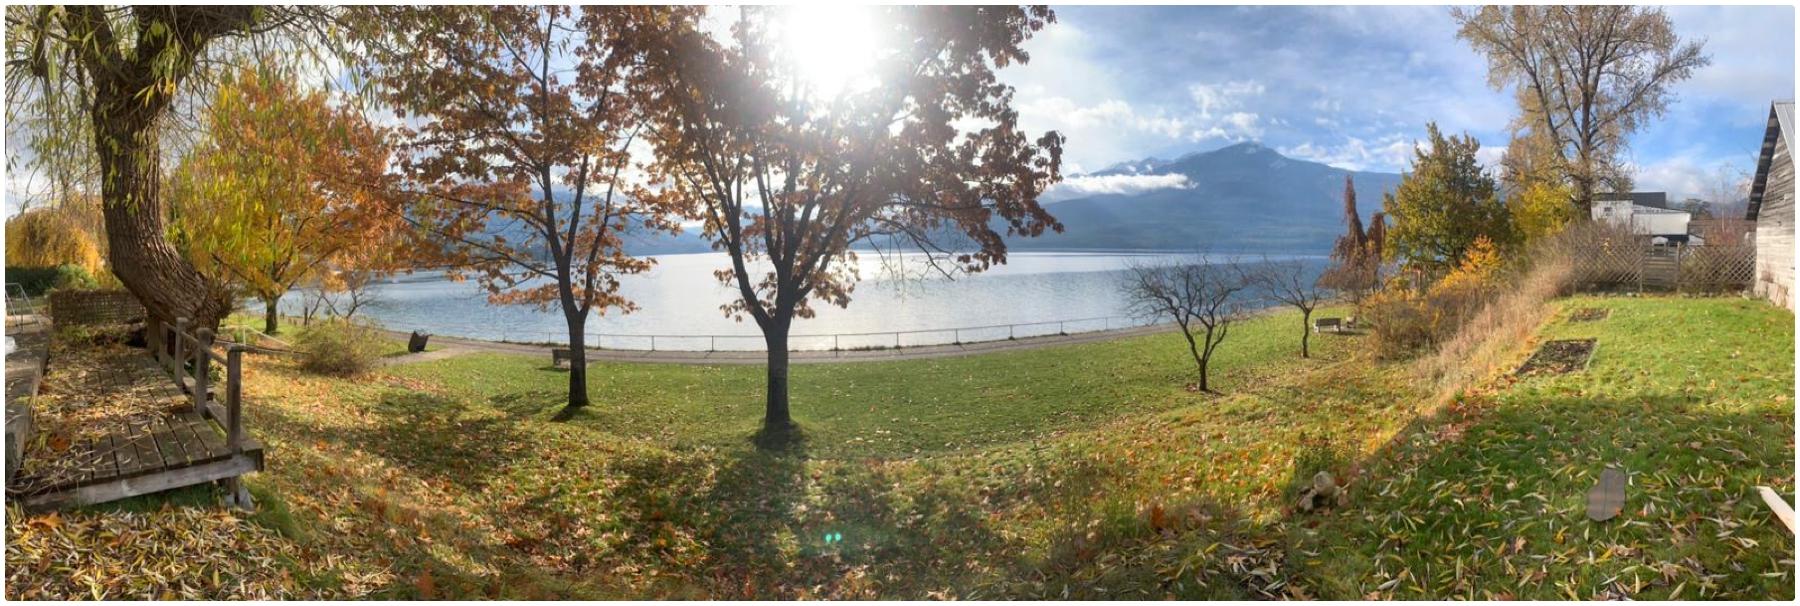 Nakusp Bc Airbnb - Lake Front Arrow Lakes Vacation Rental